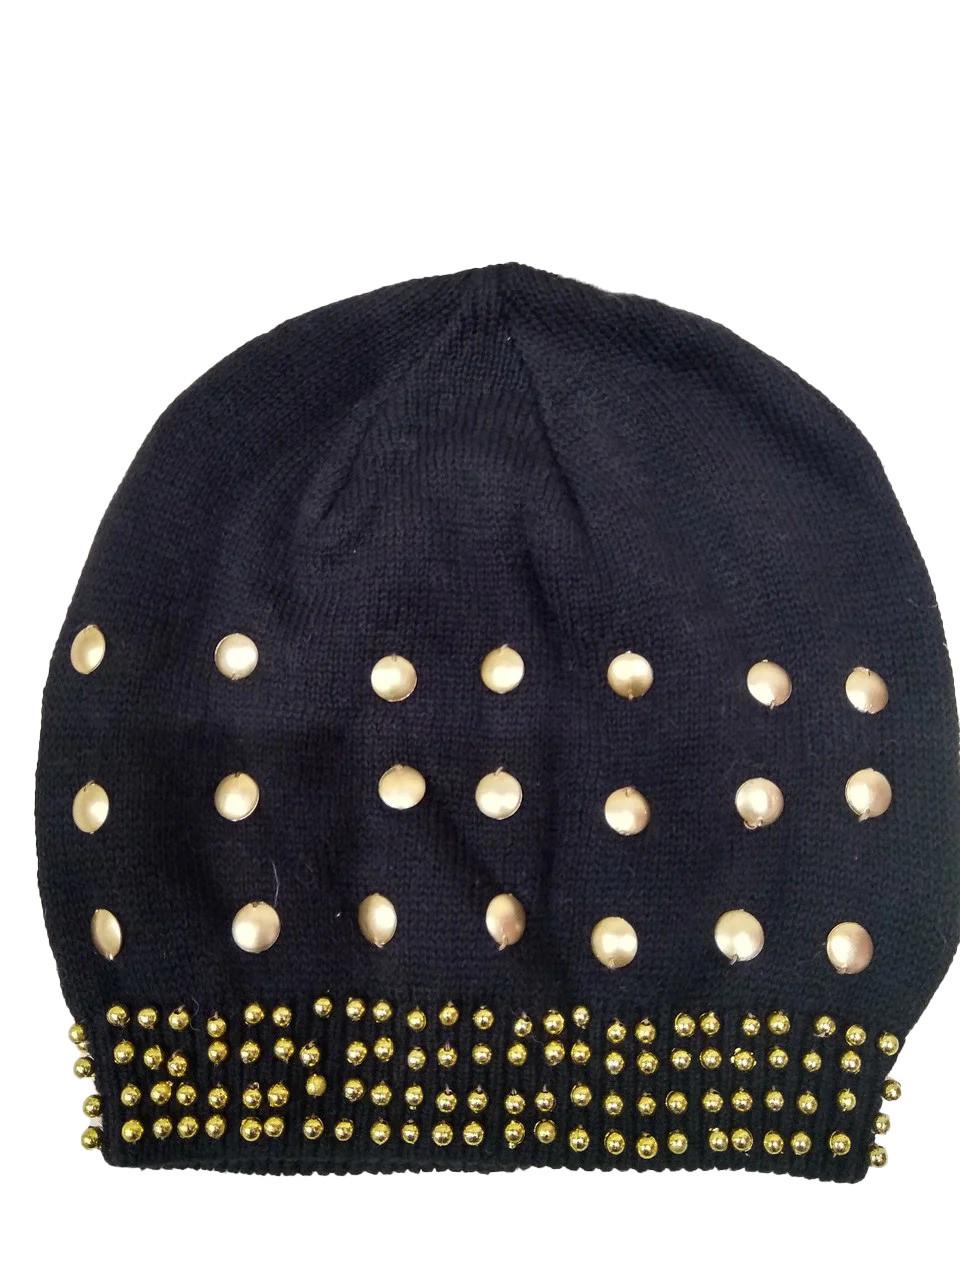 Тонкая шапка Золото 1224 черная